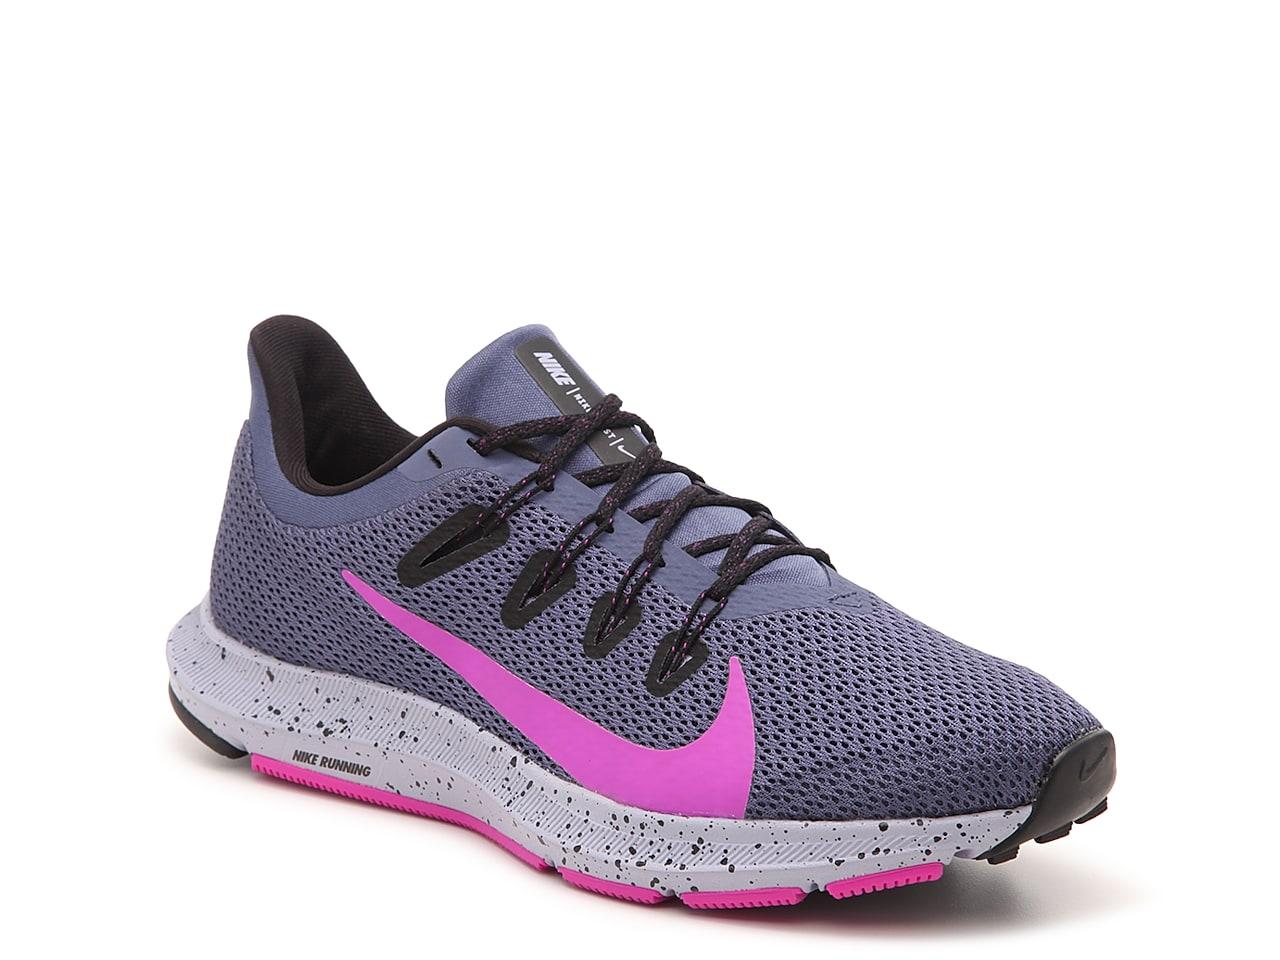 Comité Color de malva Viva  Nike Quest 2 Running Shoe - Women's Women's Shoes | DSW